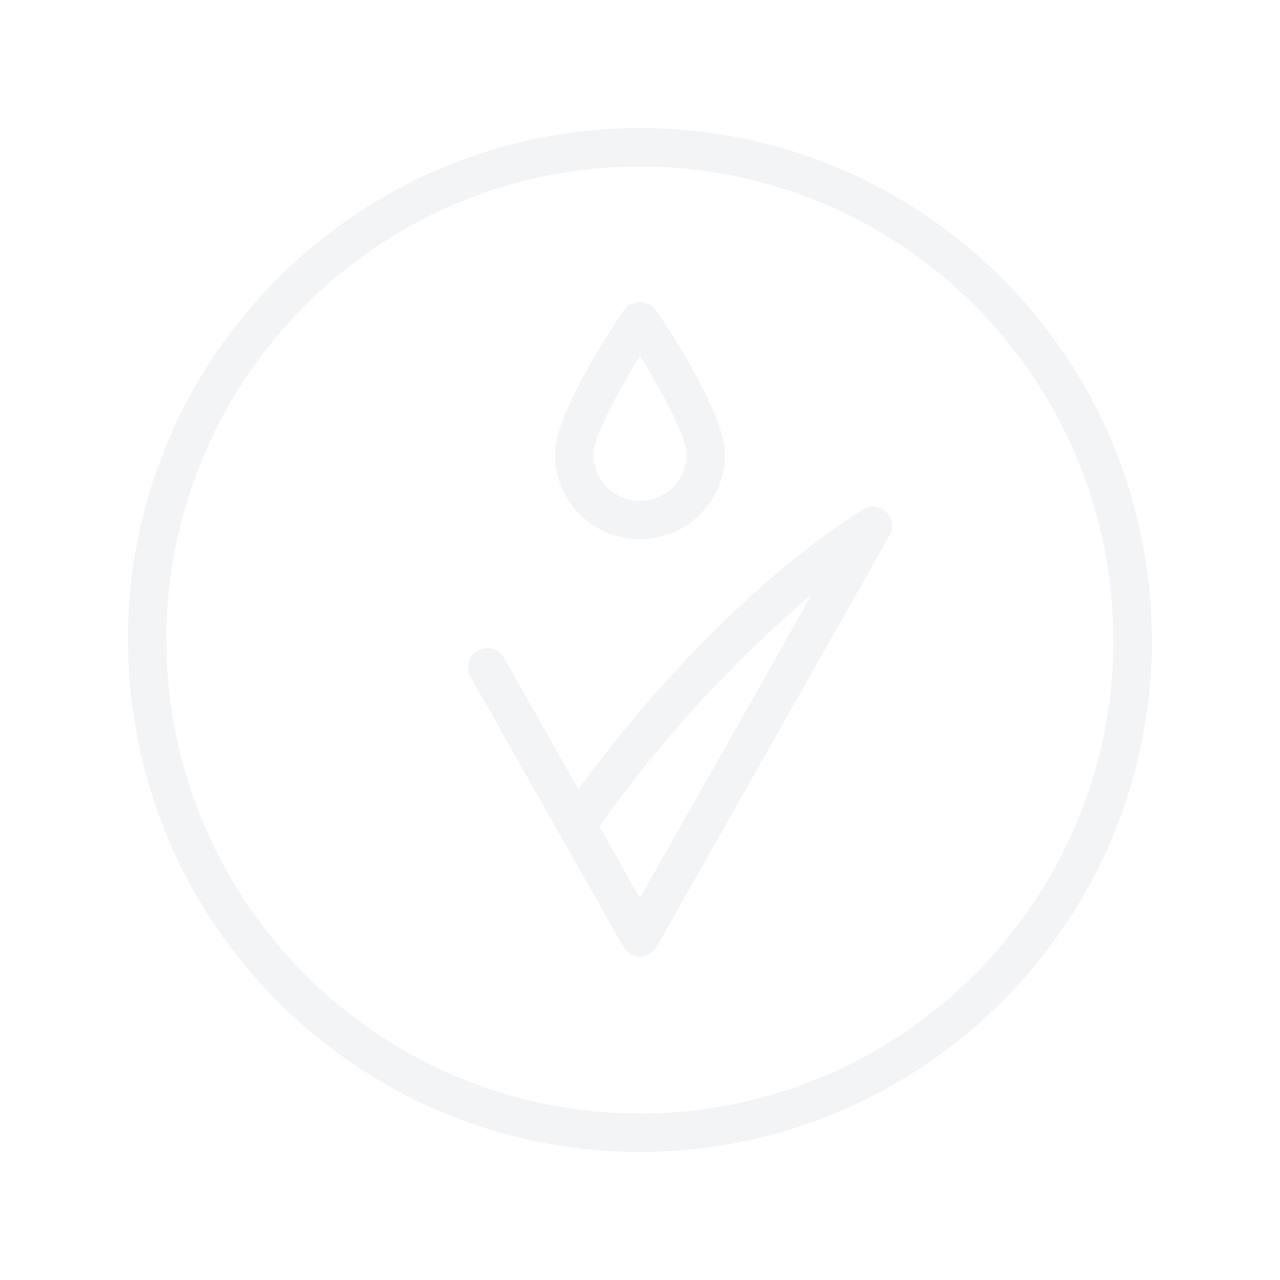 men-ü Healthy Facial Wash